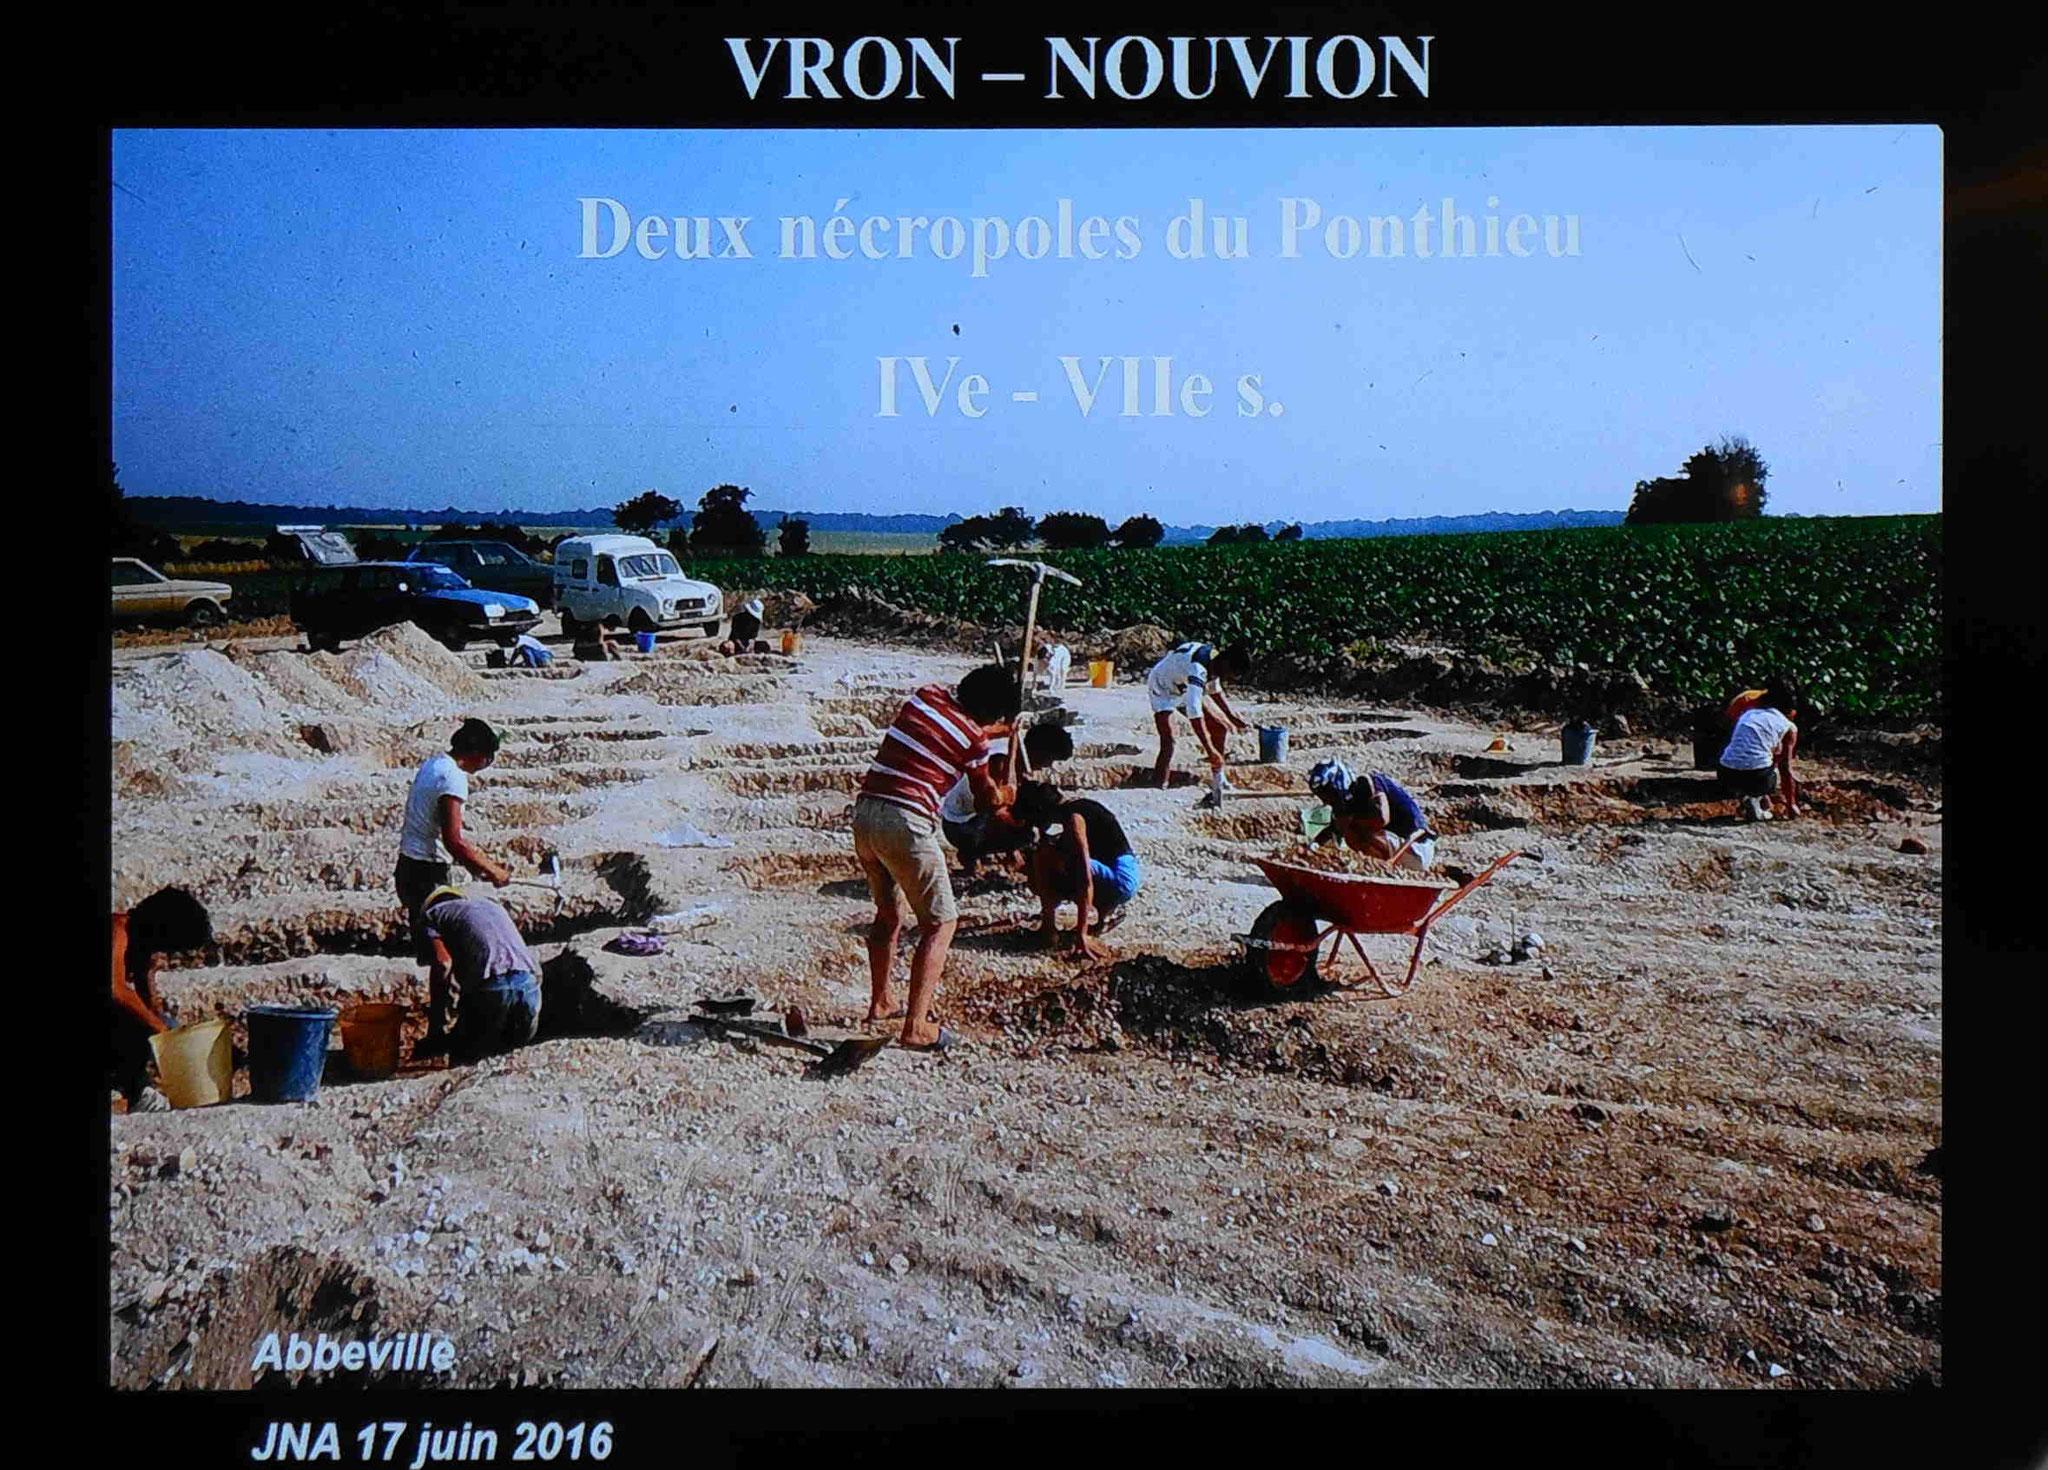 Chantier de fouilles de Nouvion vers 1985